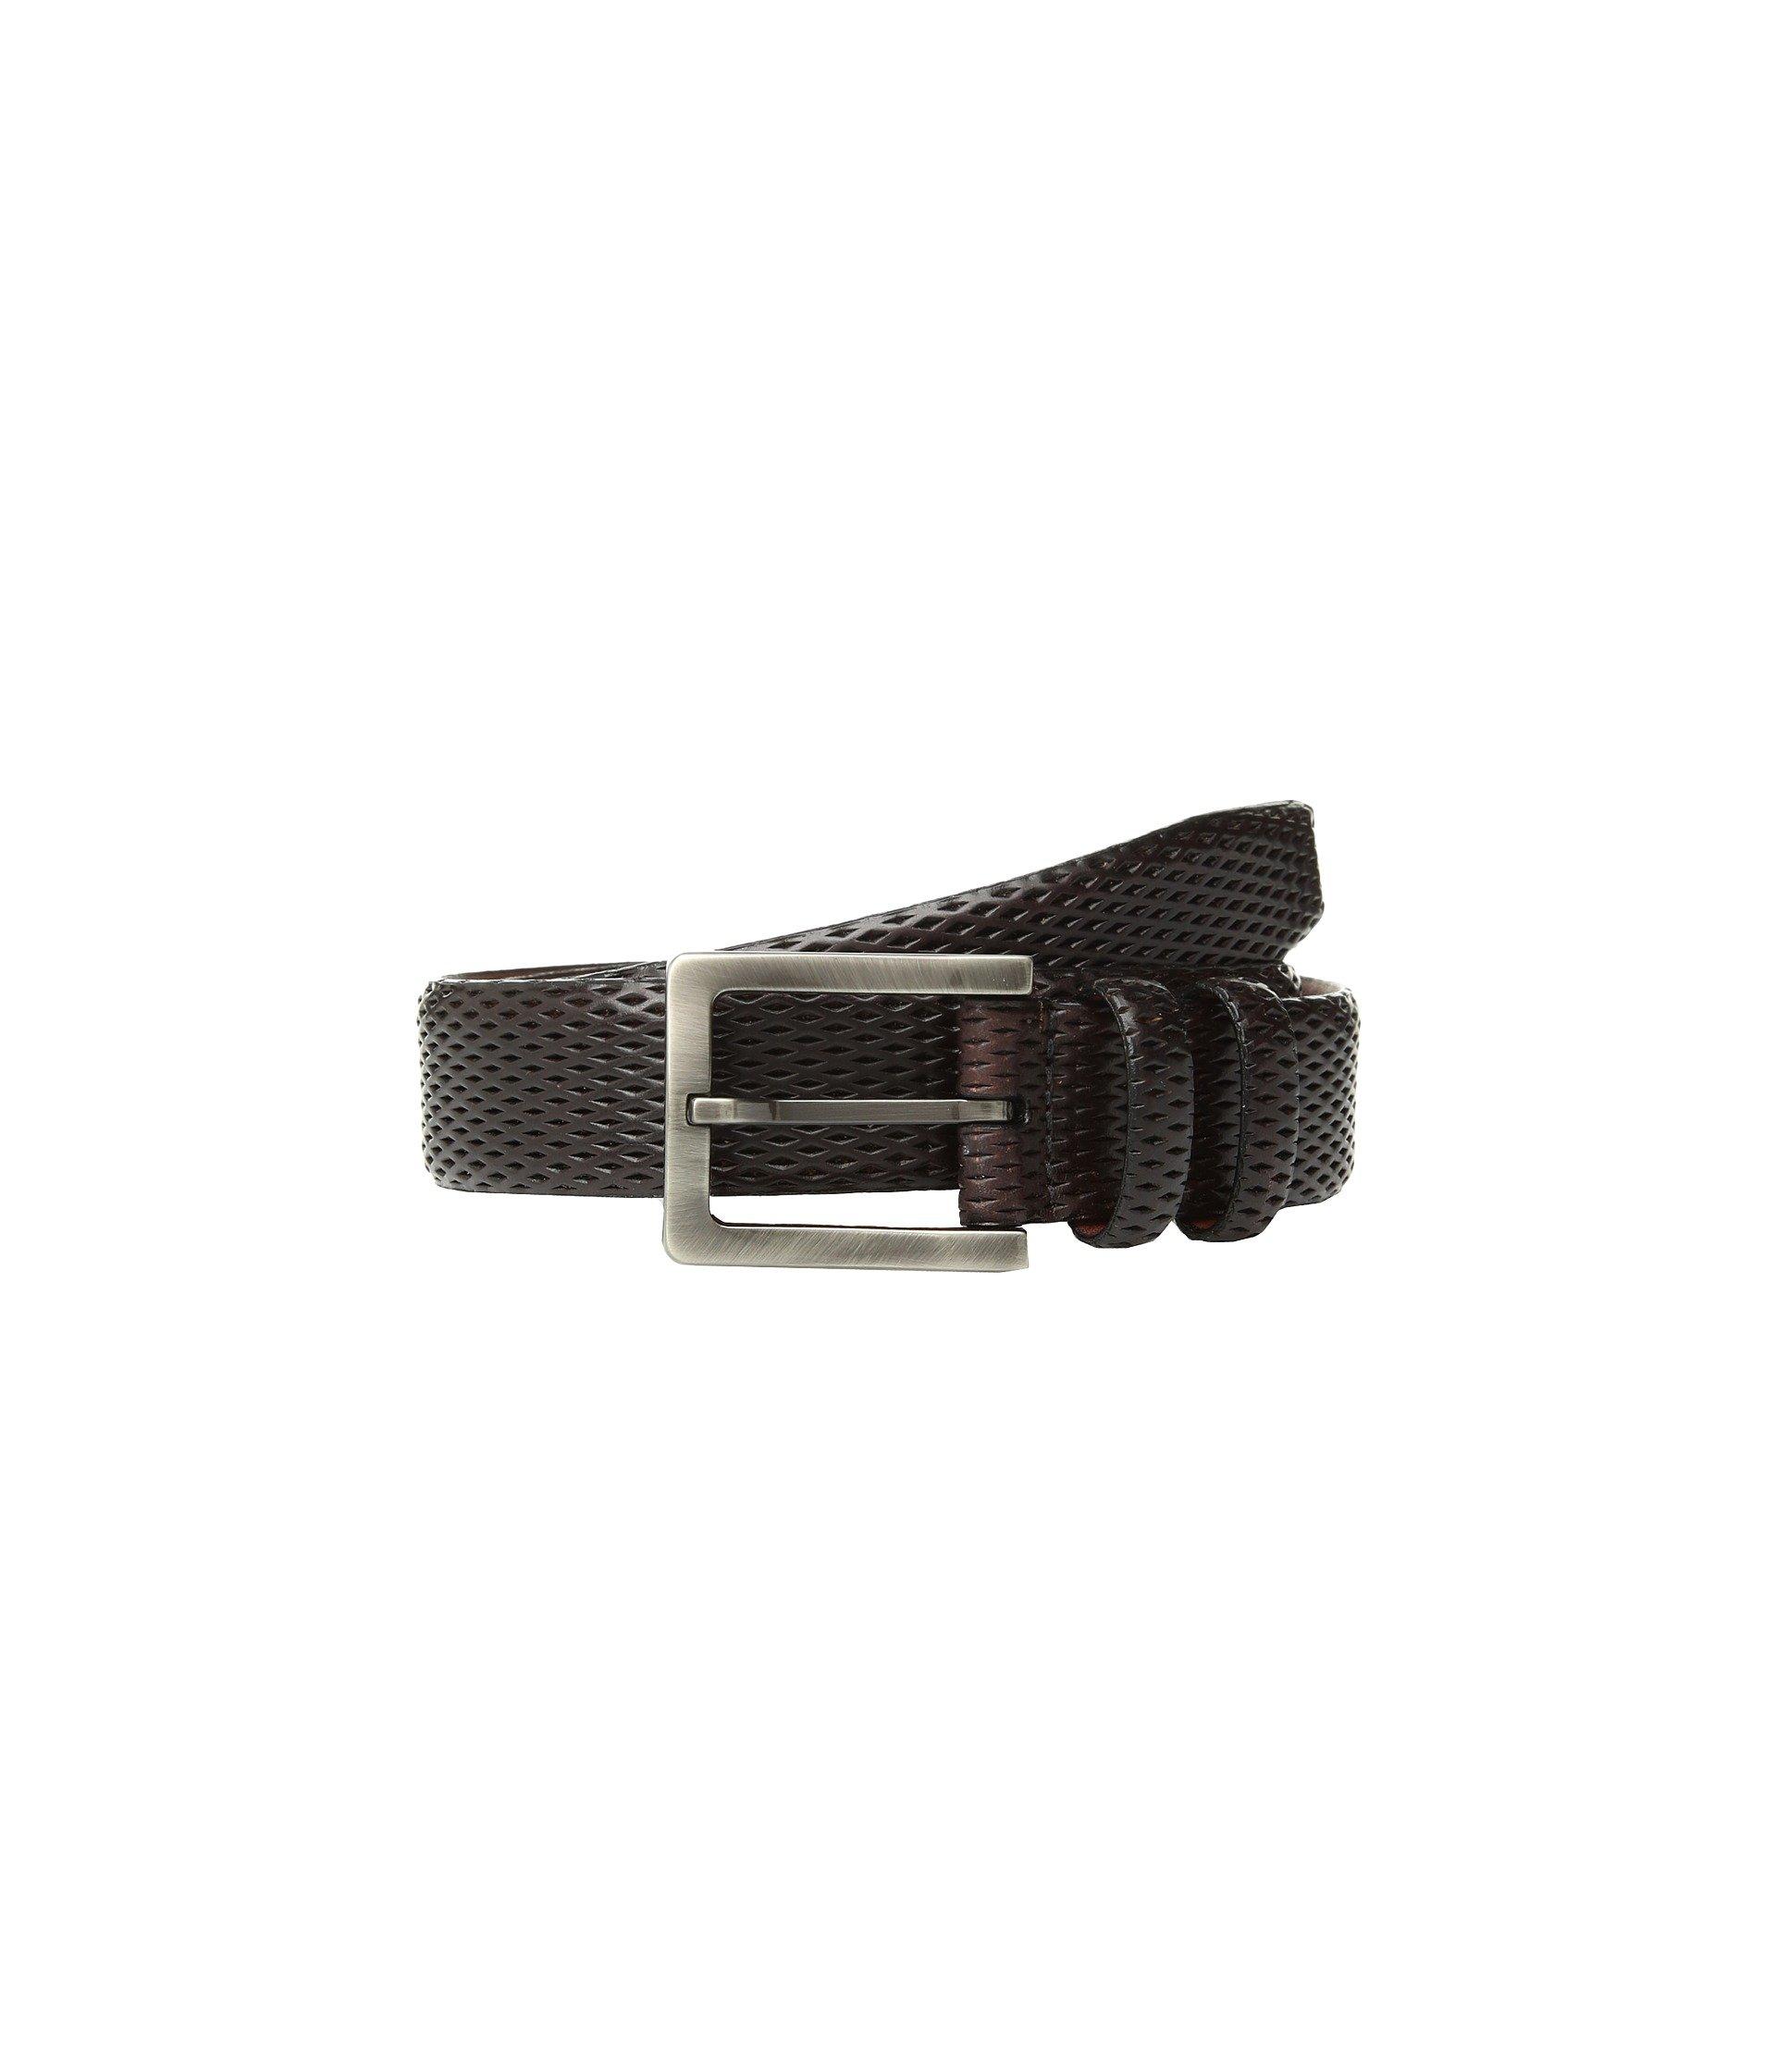 Correa o Cinturon para Hombre Torino Leather Co. 35mm Italian Layered Diamond Calf  + Torino Leather Co. en VeoyCompro.net